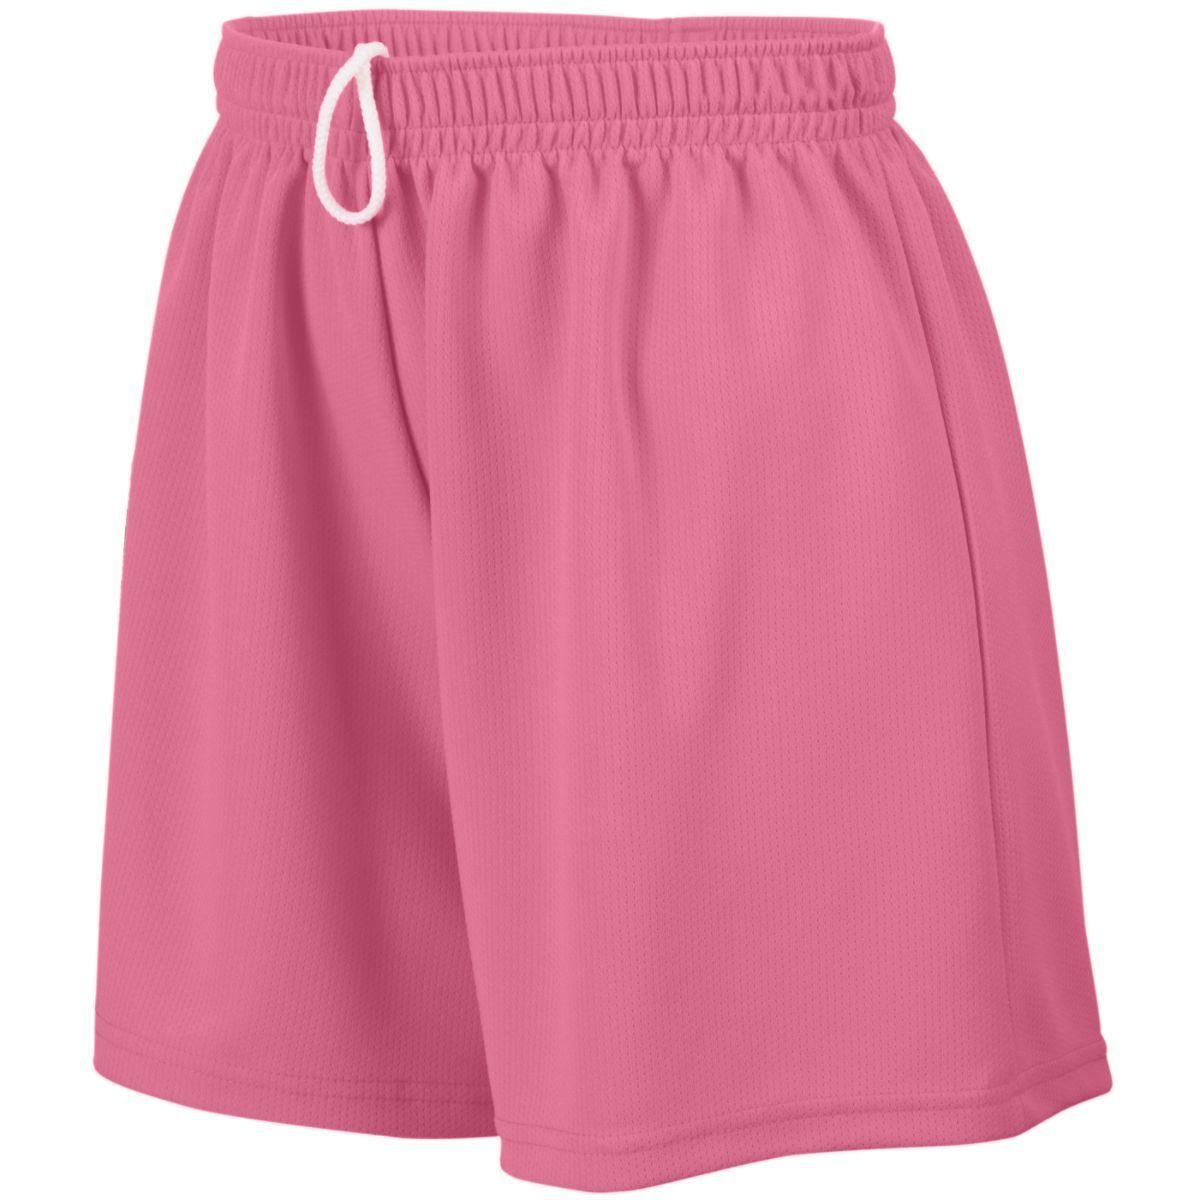 Girls Wicking Mesh Shorts - PINK